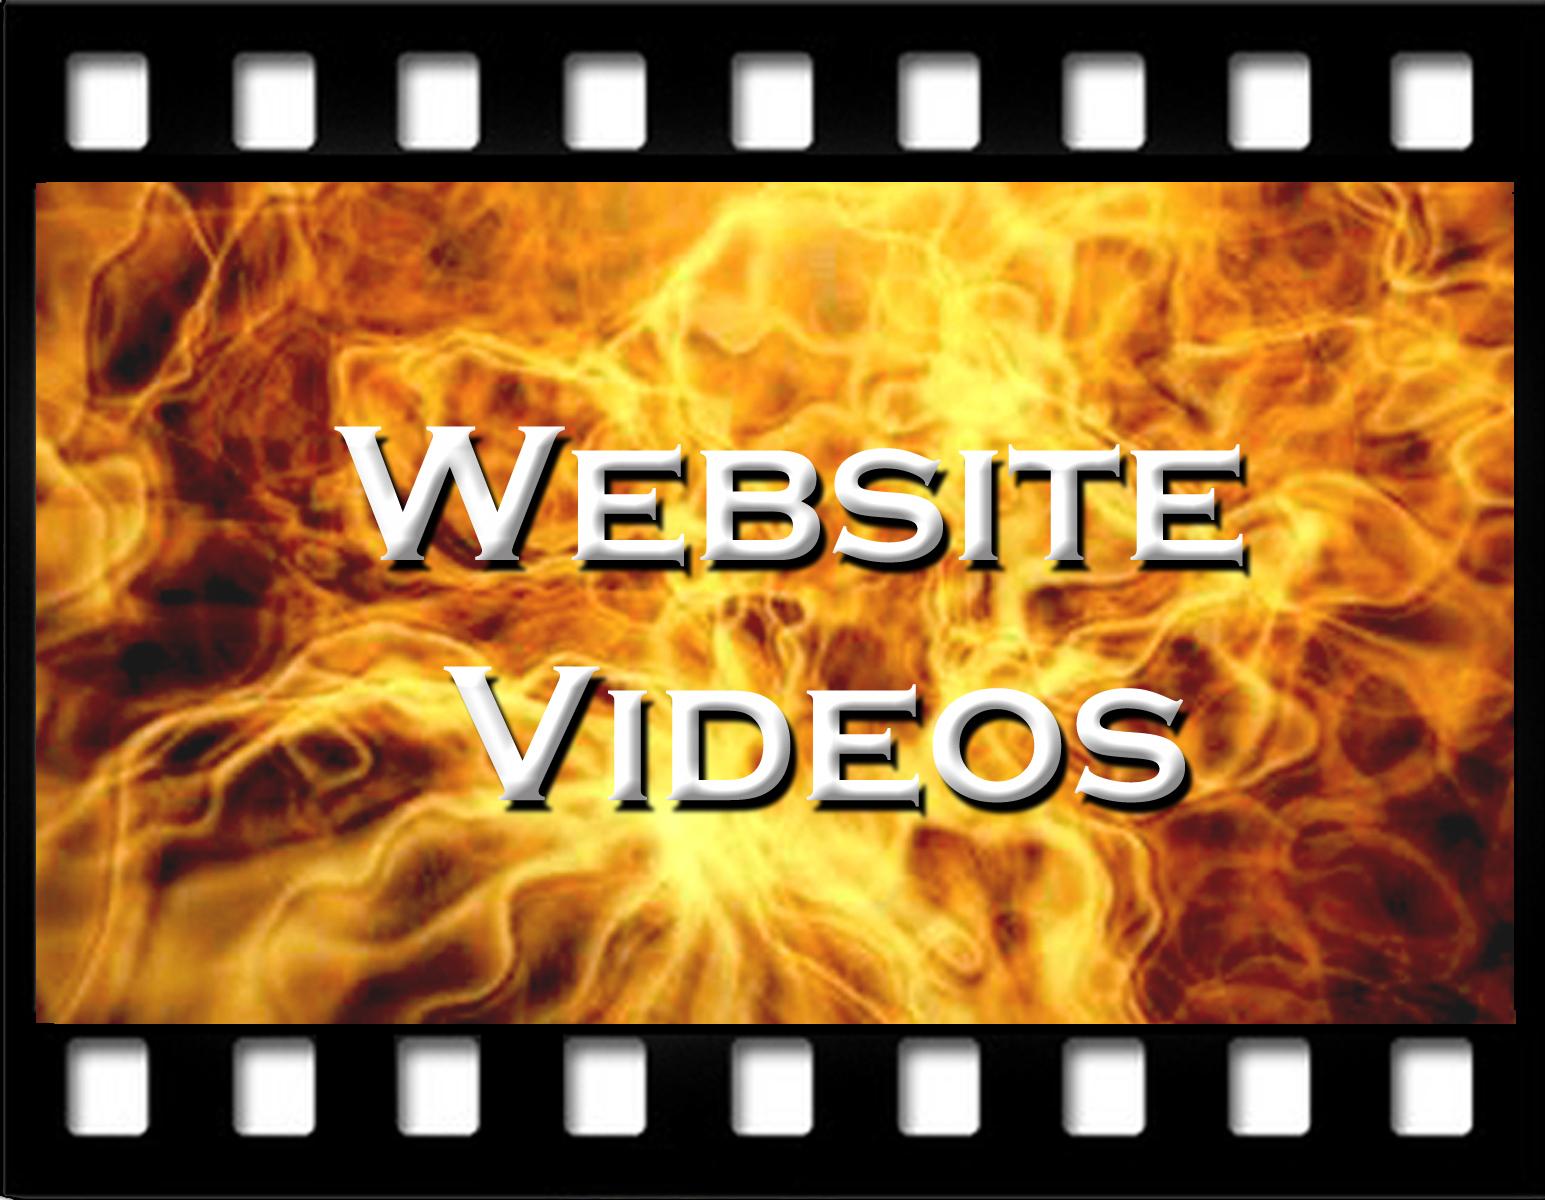 website_videos_gurgaon_delhi_noida_ncr